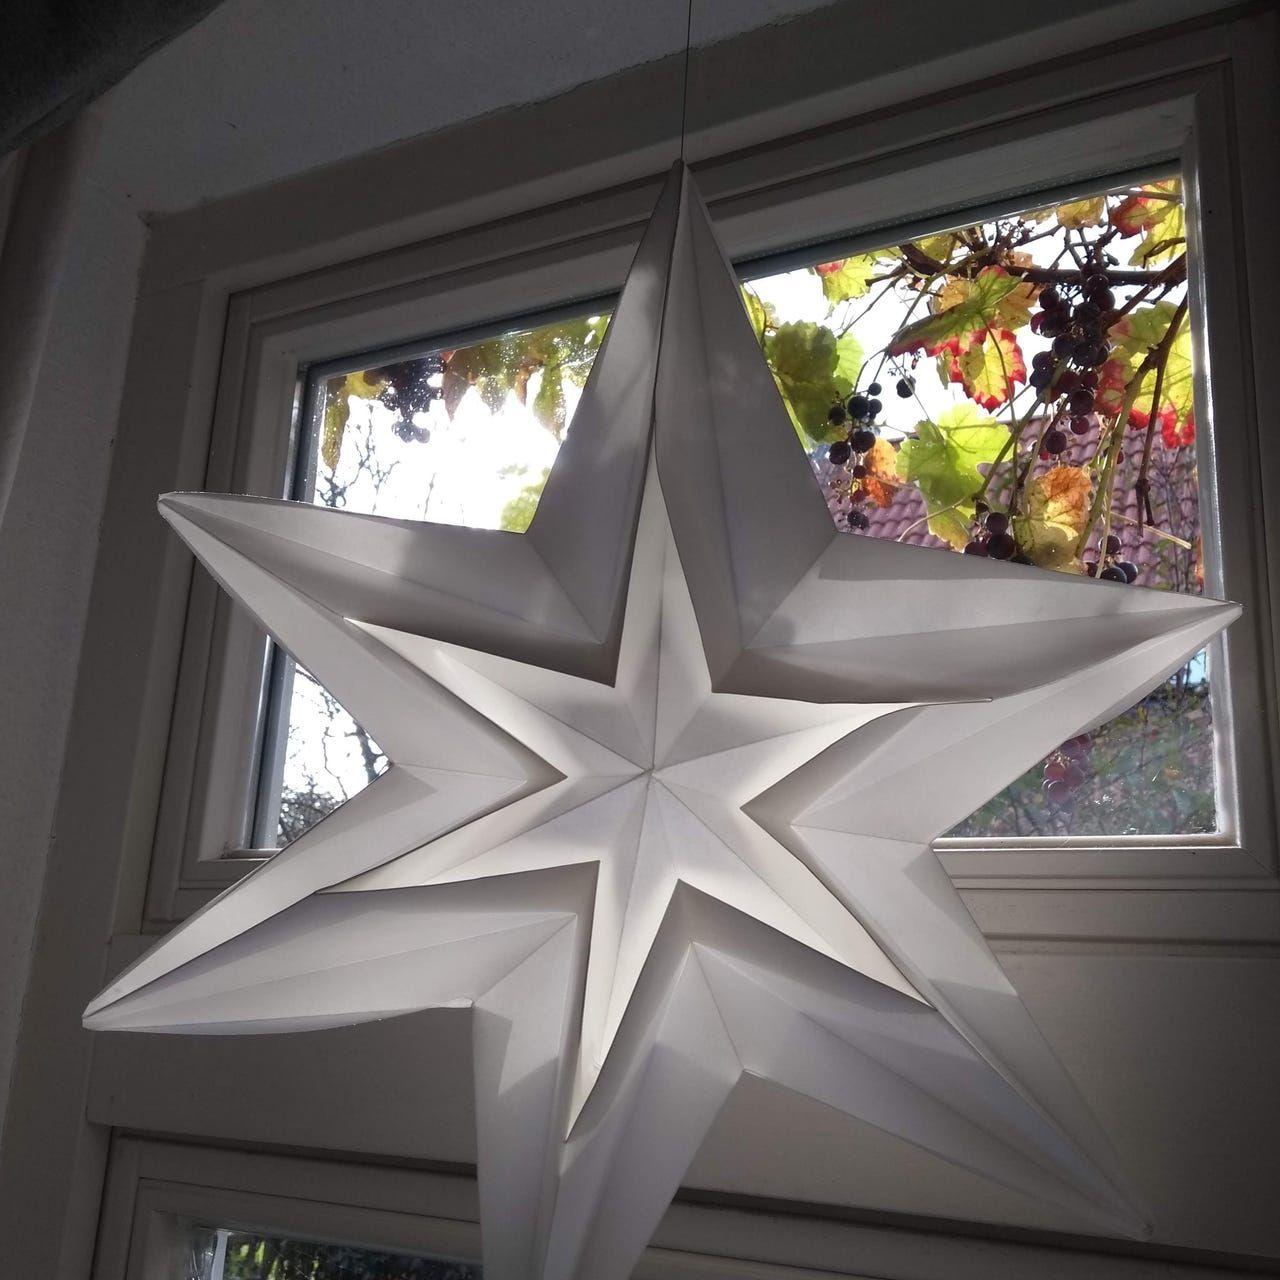 Landlust Stern Landlust Basteln Weihnachten Sterne Papier Sterne